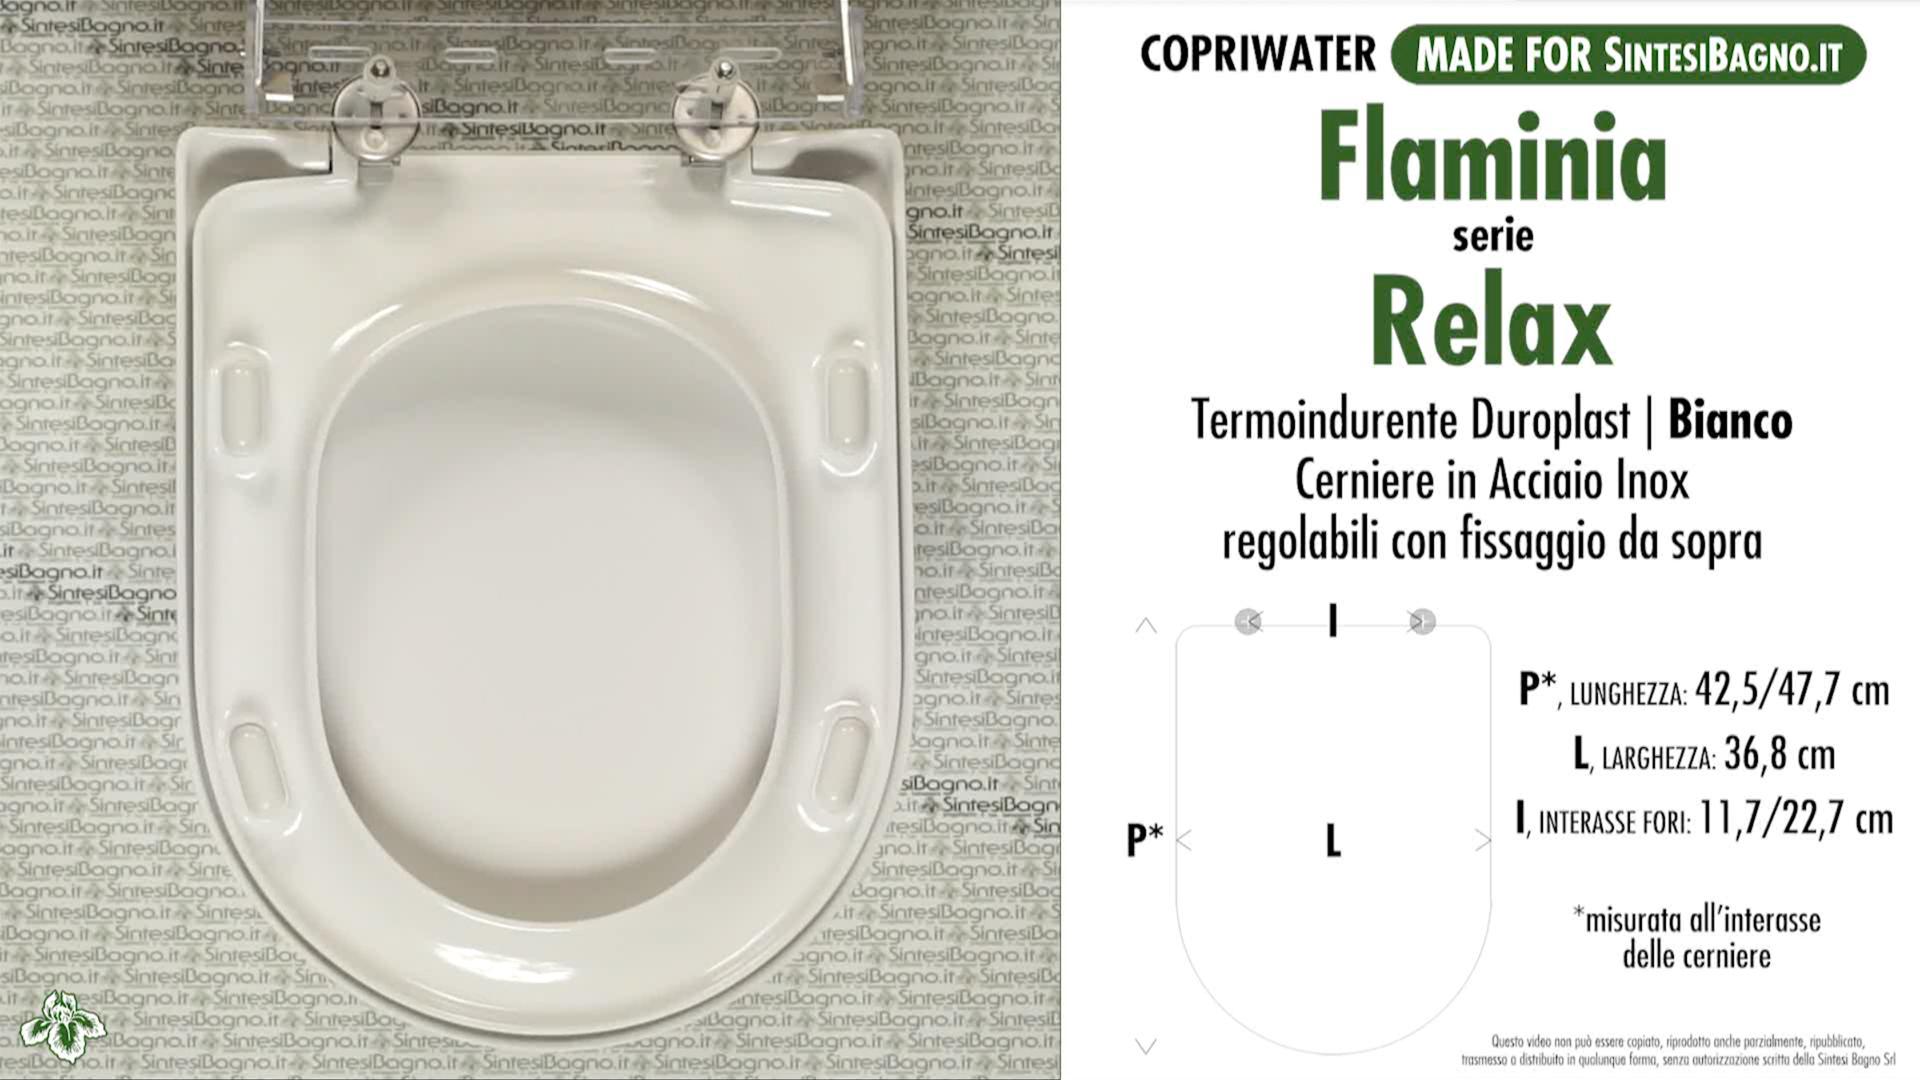 SCHEDA TECNICA MISURE copriwater FLAMINIA RELAX